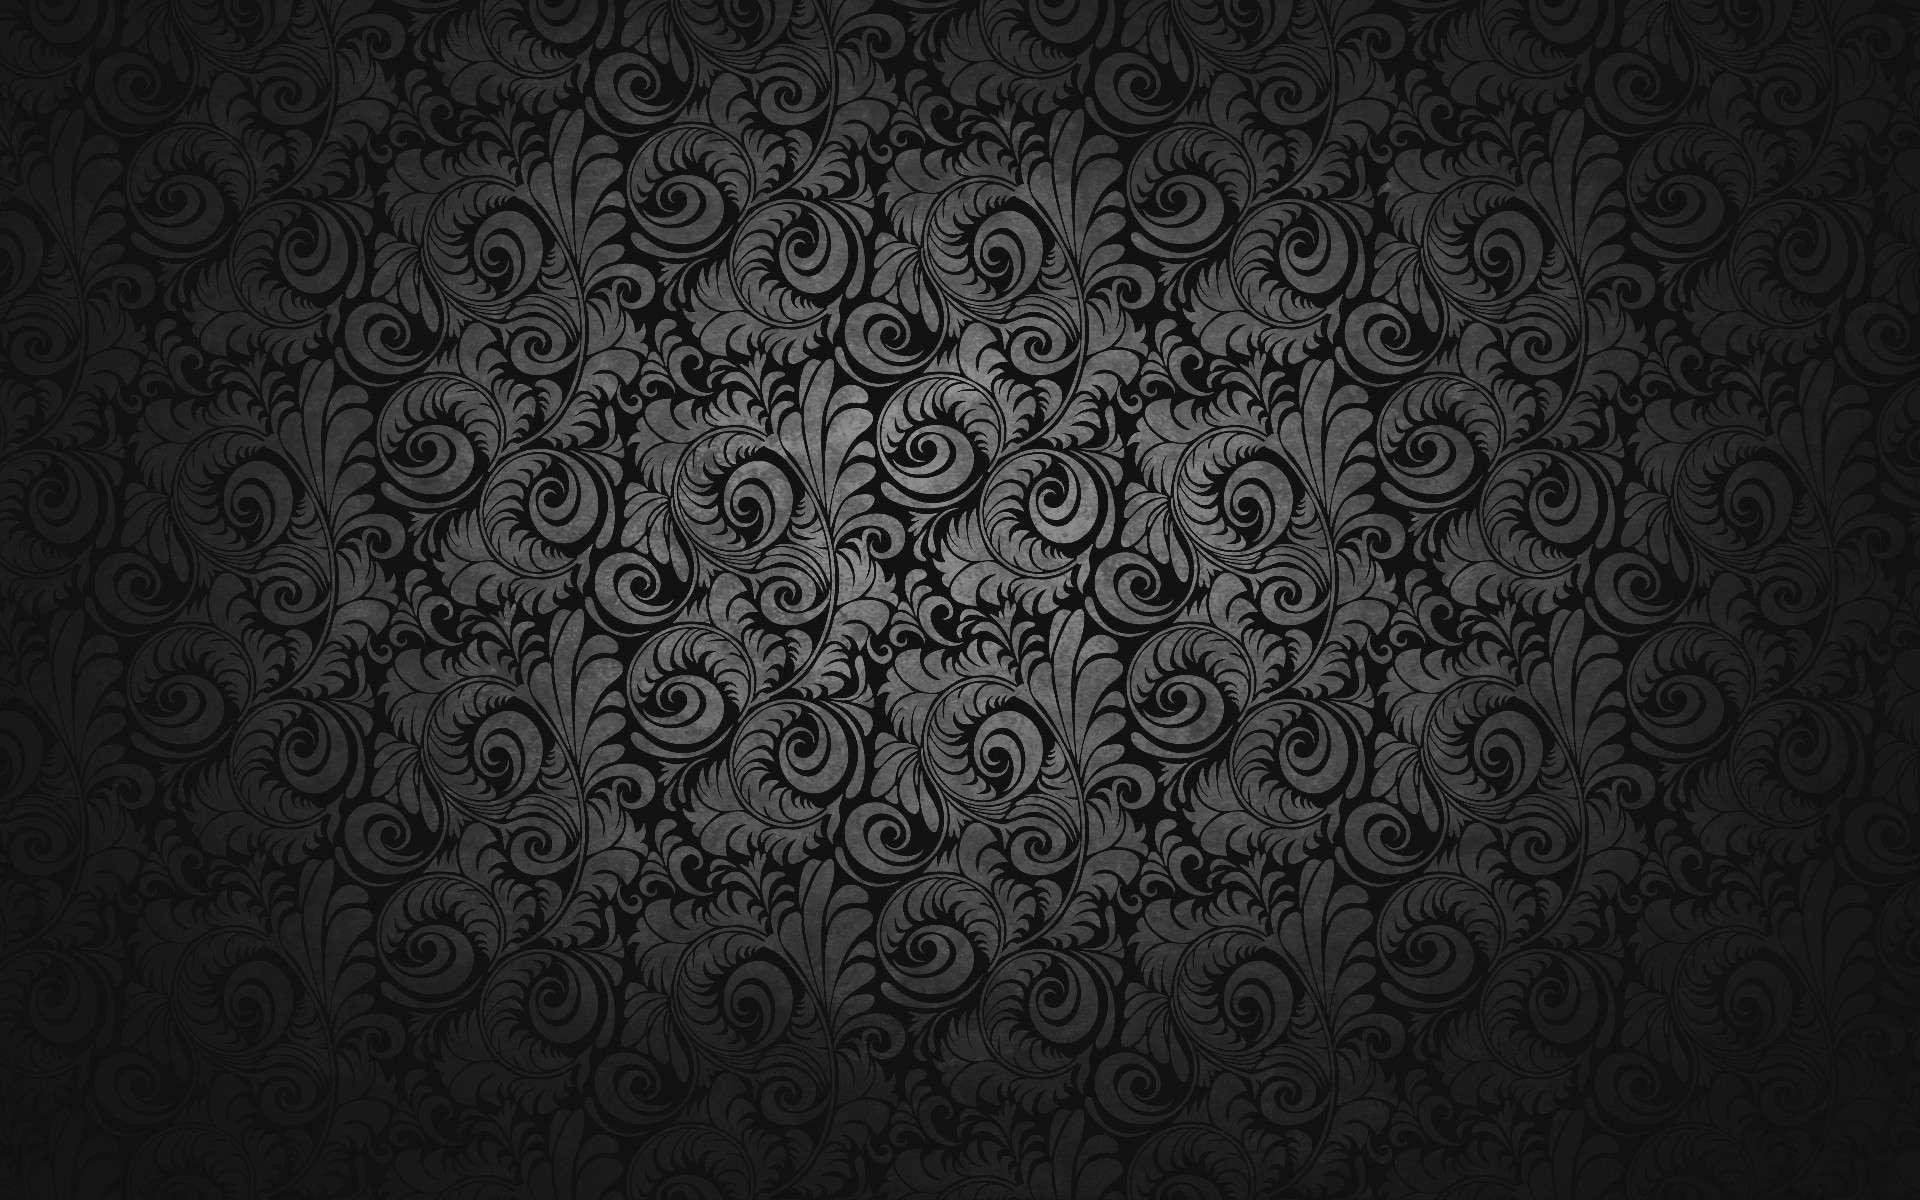 darkness desktop wallpaper dazzler - photo #42